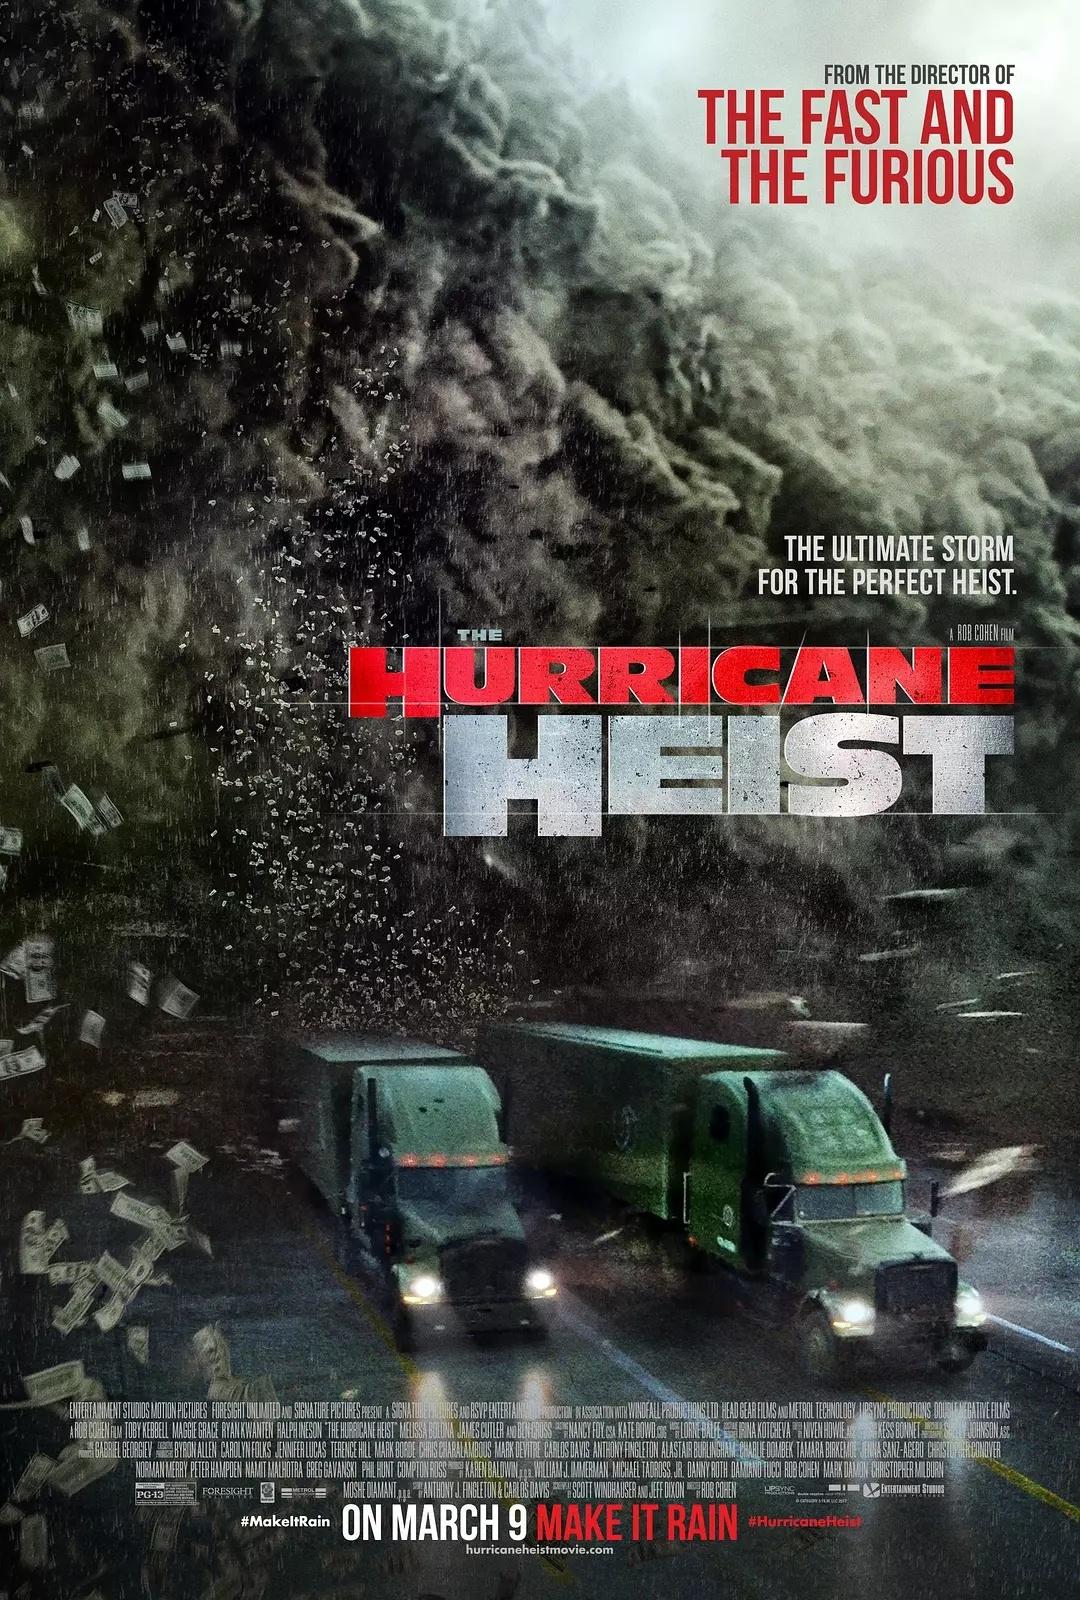 飓风抢劫 [更新蓝光原盘,灾难片+动作片的爆米花电影,飙车抢劫枪战一样不少]